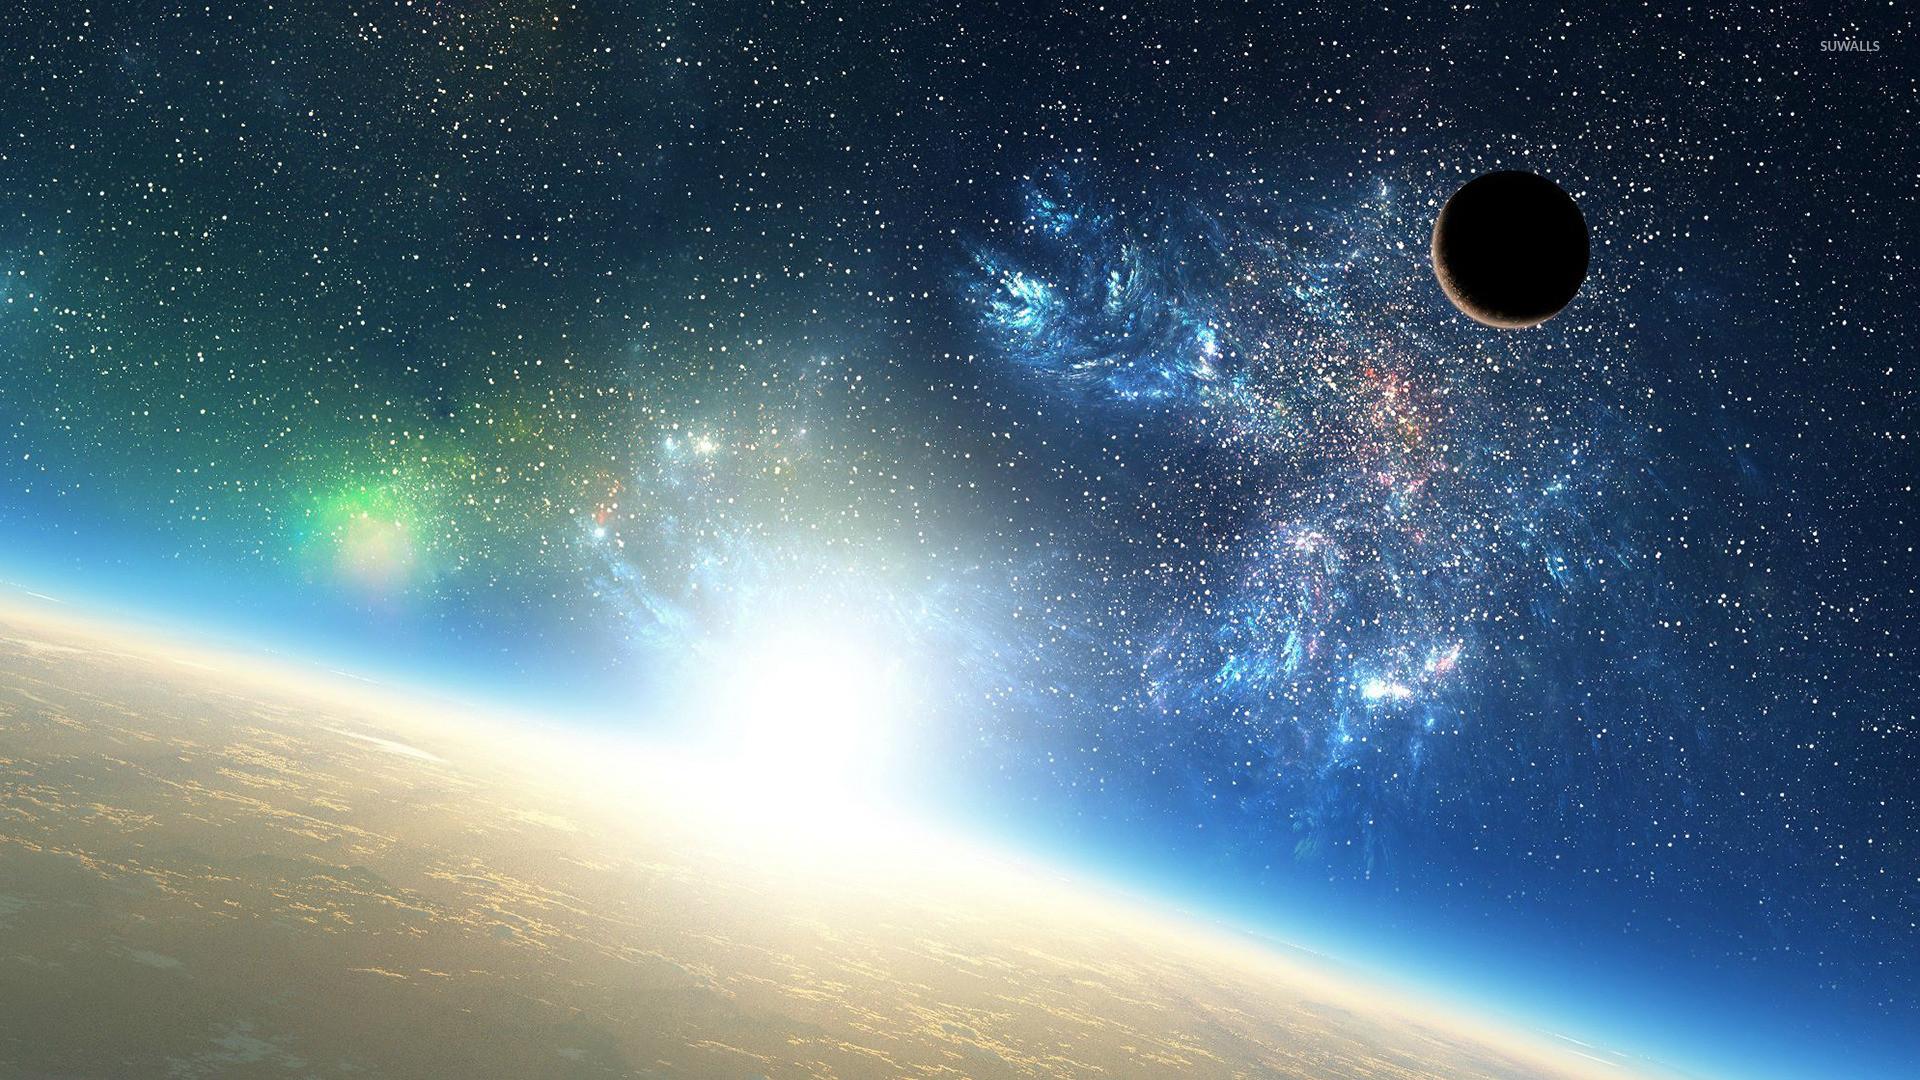 Planetary sunrise wallpaper jpg